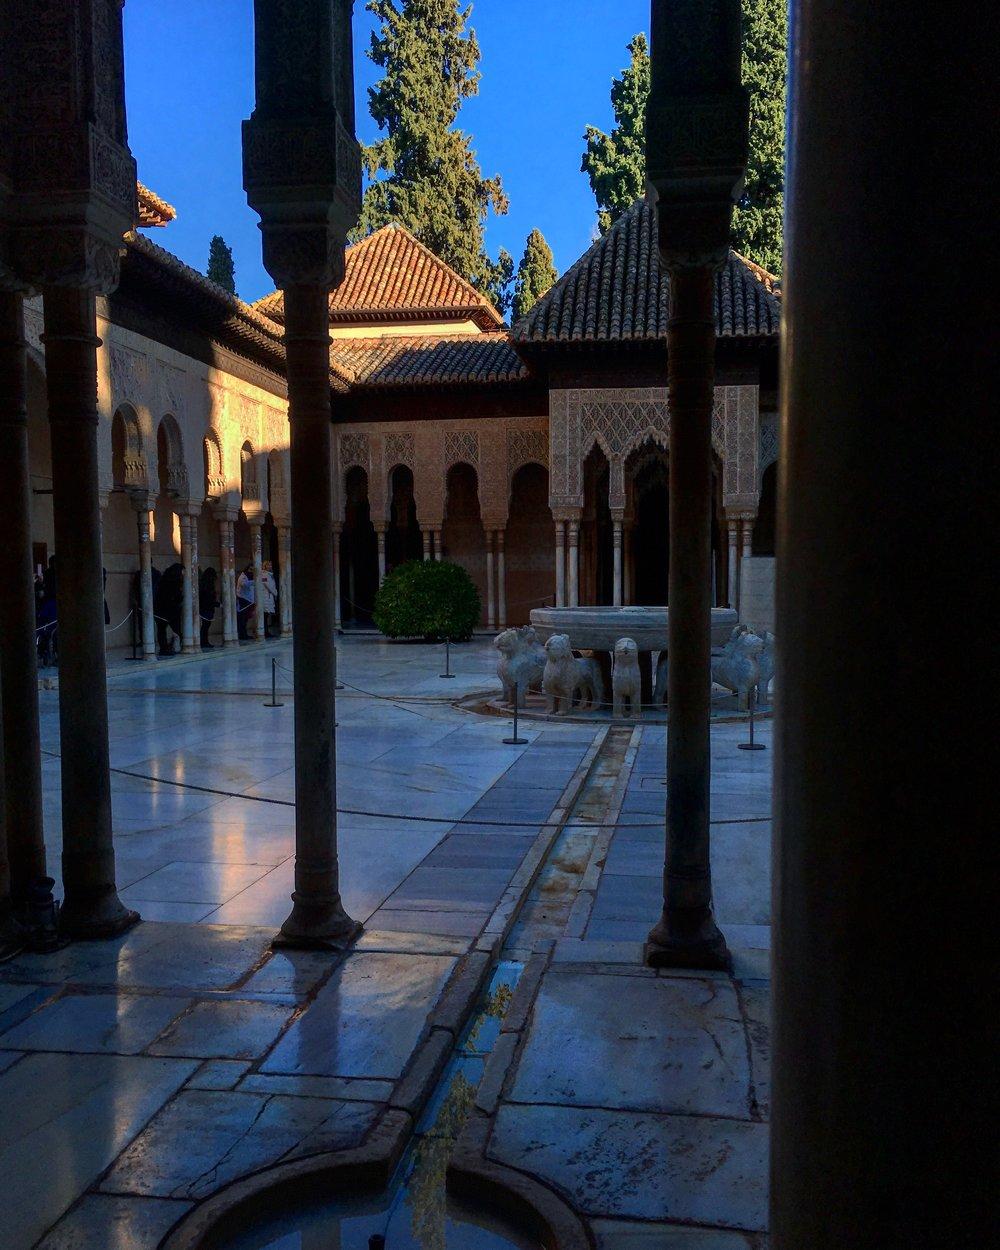 Patio of the Lions. La Alhambra, Granada